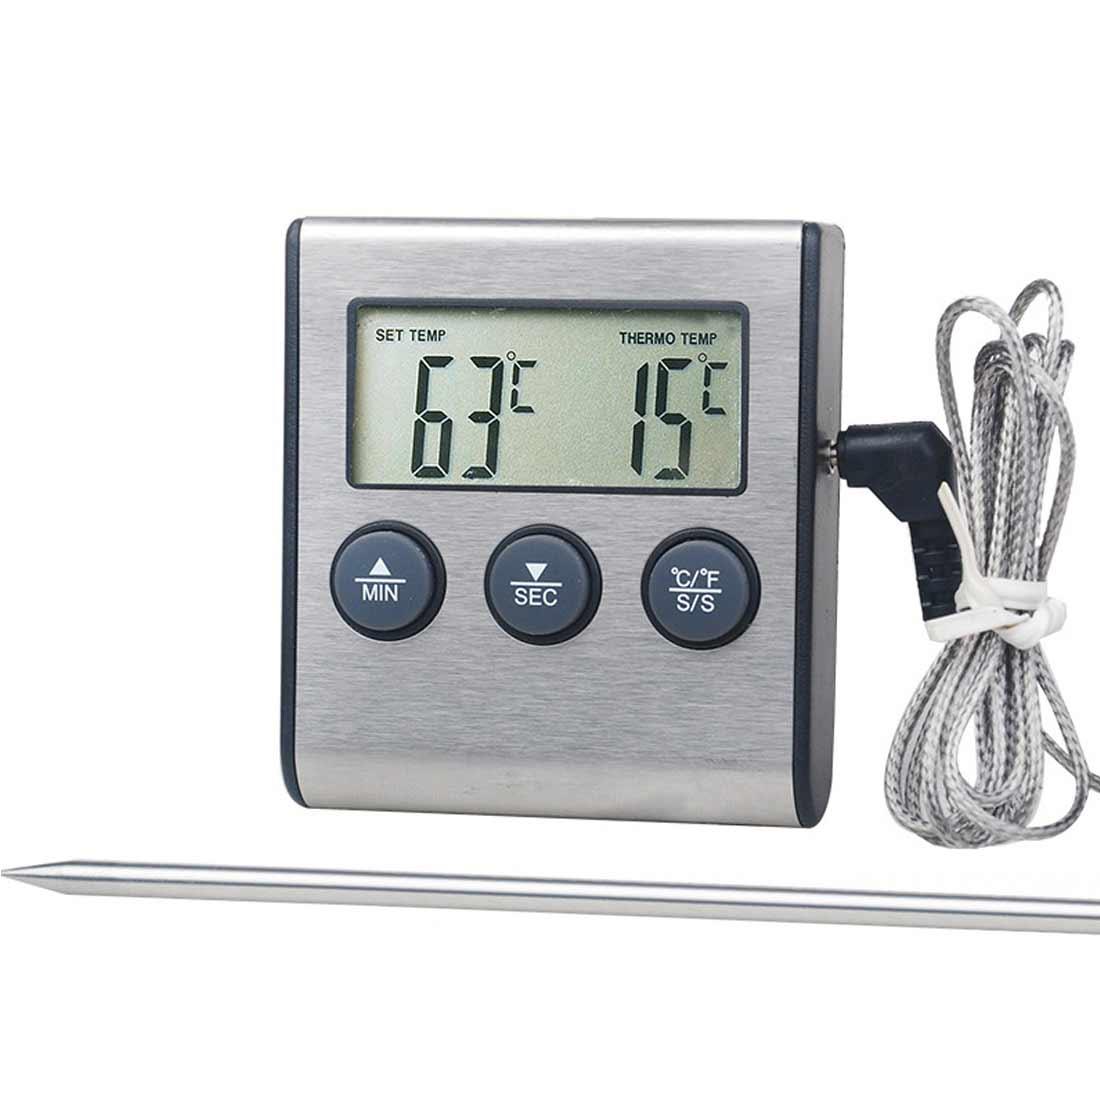 Термометры для духовки, кухонный прибор для измерения температуры пищи, барбекю, ЖК-дисплей, таймер для барбекю